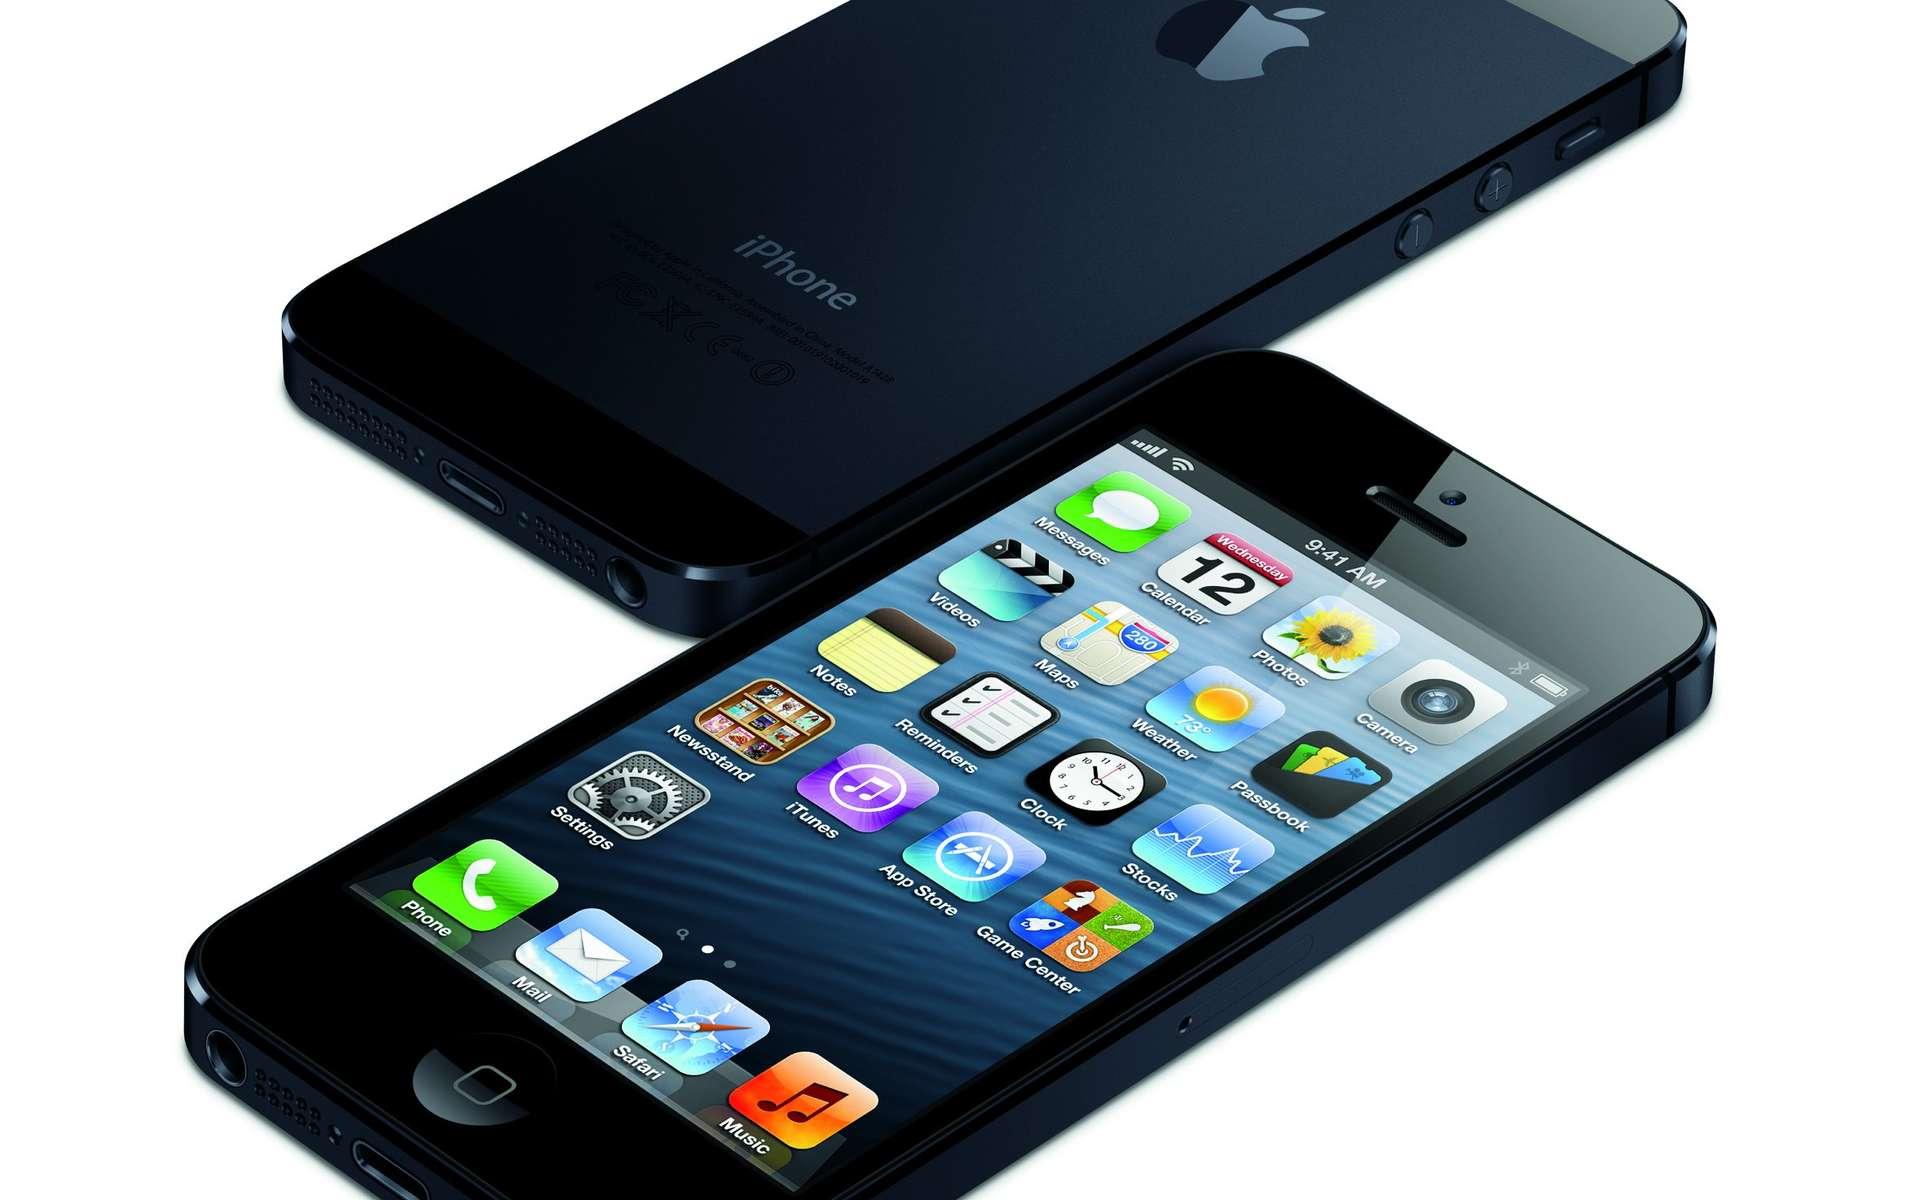 Depuis l'iPhone 4S, Apple a intégré son assistant vocal Siri, du nom de l'entreprise éponyme rachetée en avril 2010. Bien que cela n'ait jamais été officiellement confirmé, c'est Nuance qui aurait fourni la technologie d'origine. © Apple